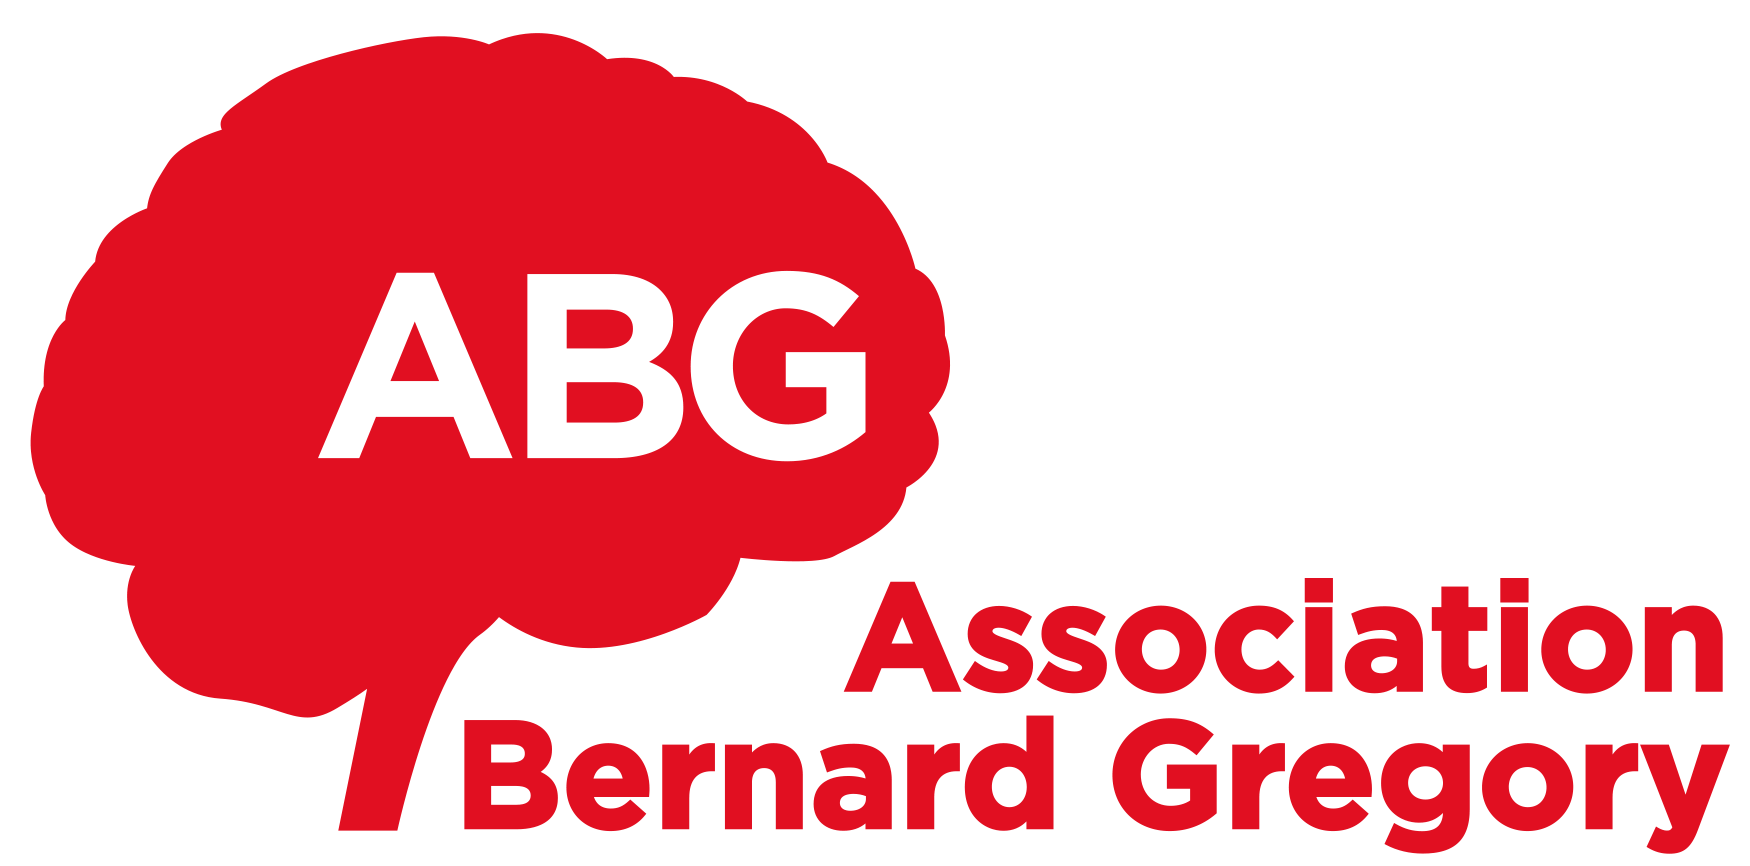 Association Bernard Gregory